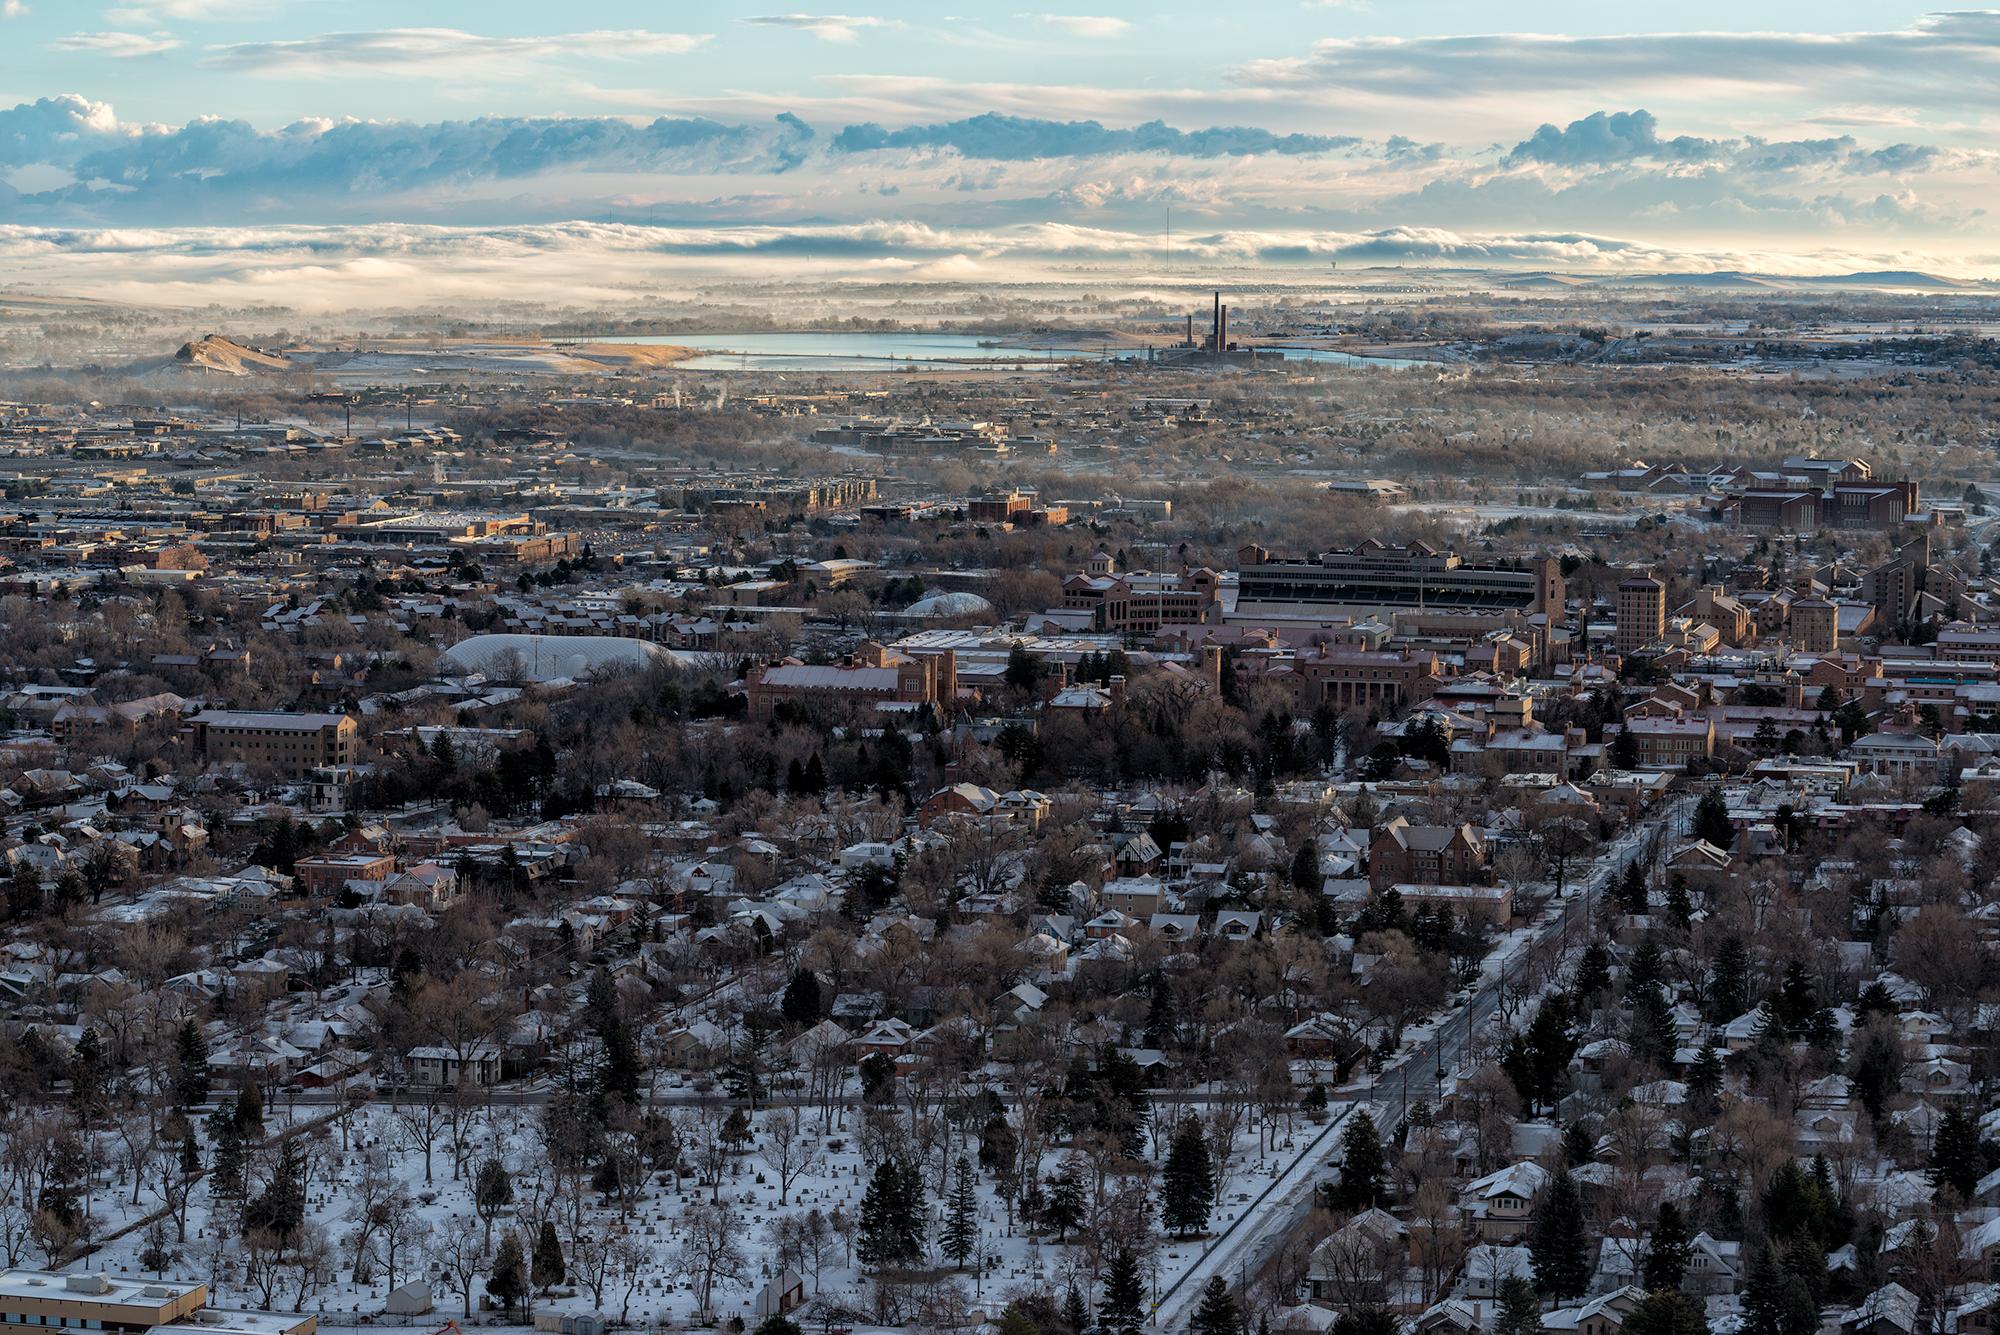 Receding Storm in Winter. Boulder, Colorado, 2015